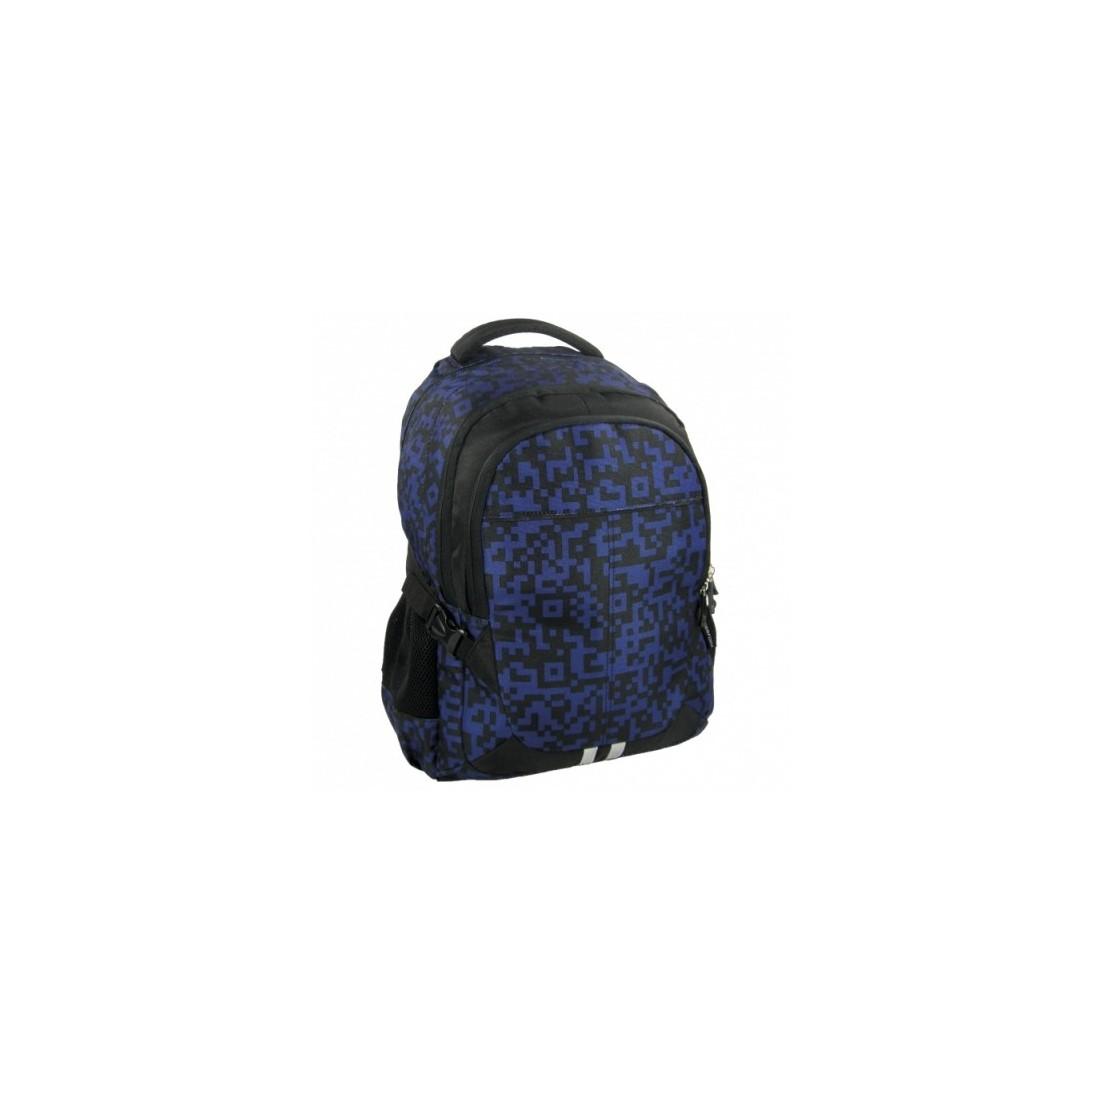 Plecak Jetbag Młodzieżowy Granatowo Czarny - plecak-tornister.pl